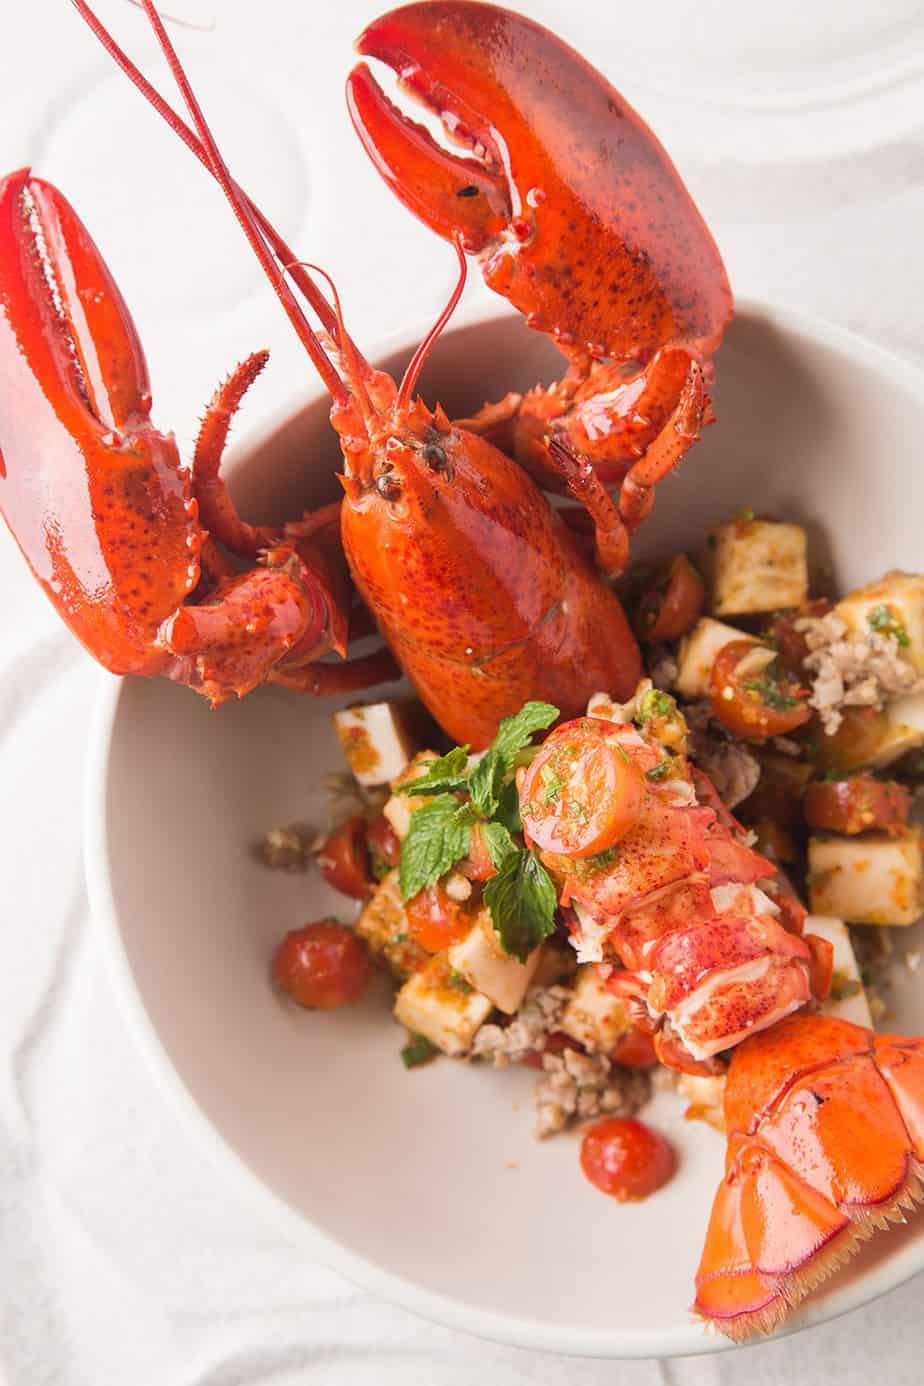 nhà hàng hải sản ngon ở tphcm